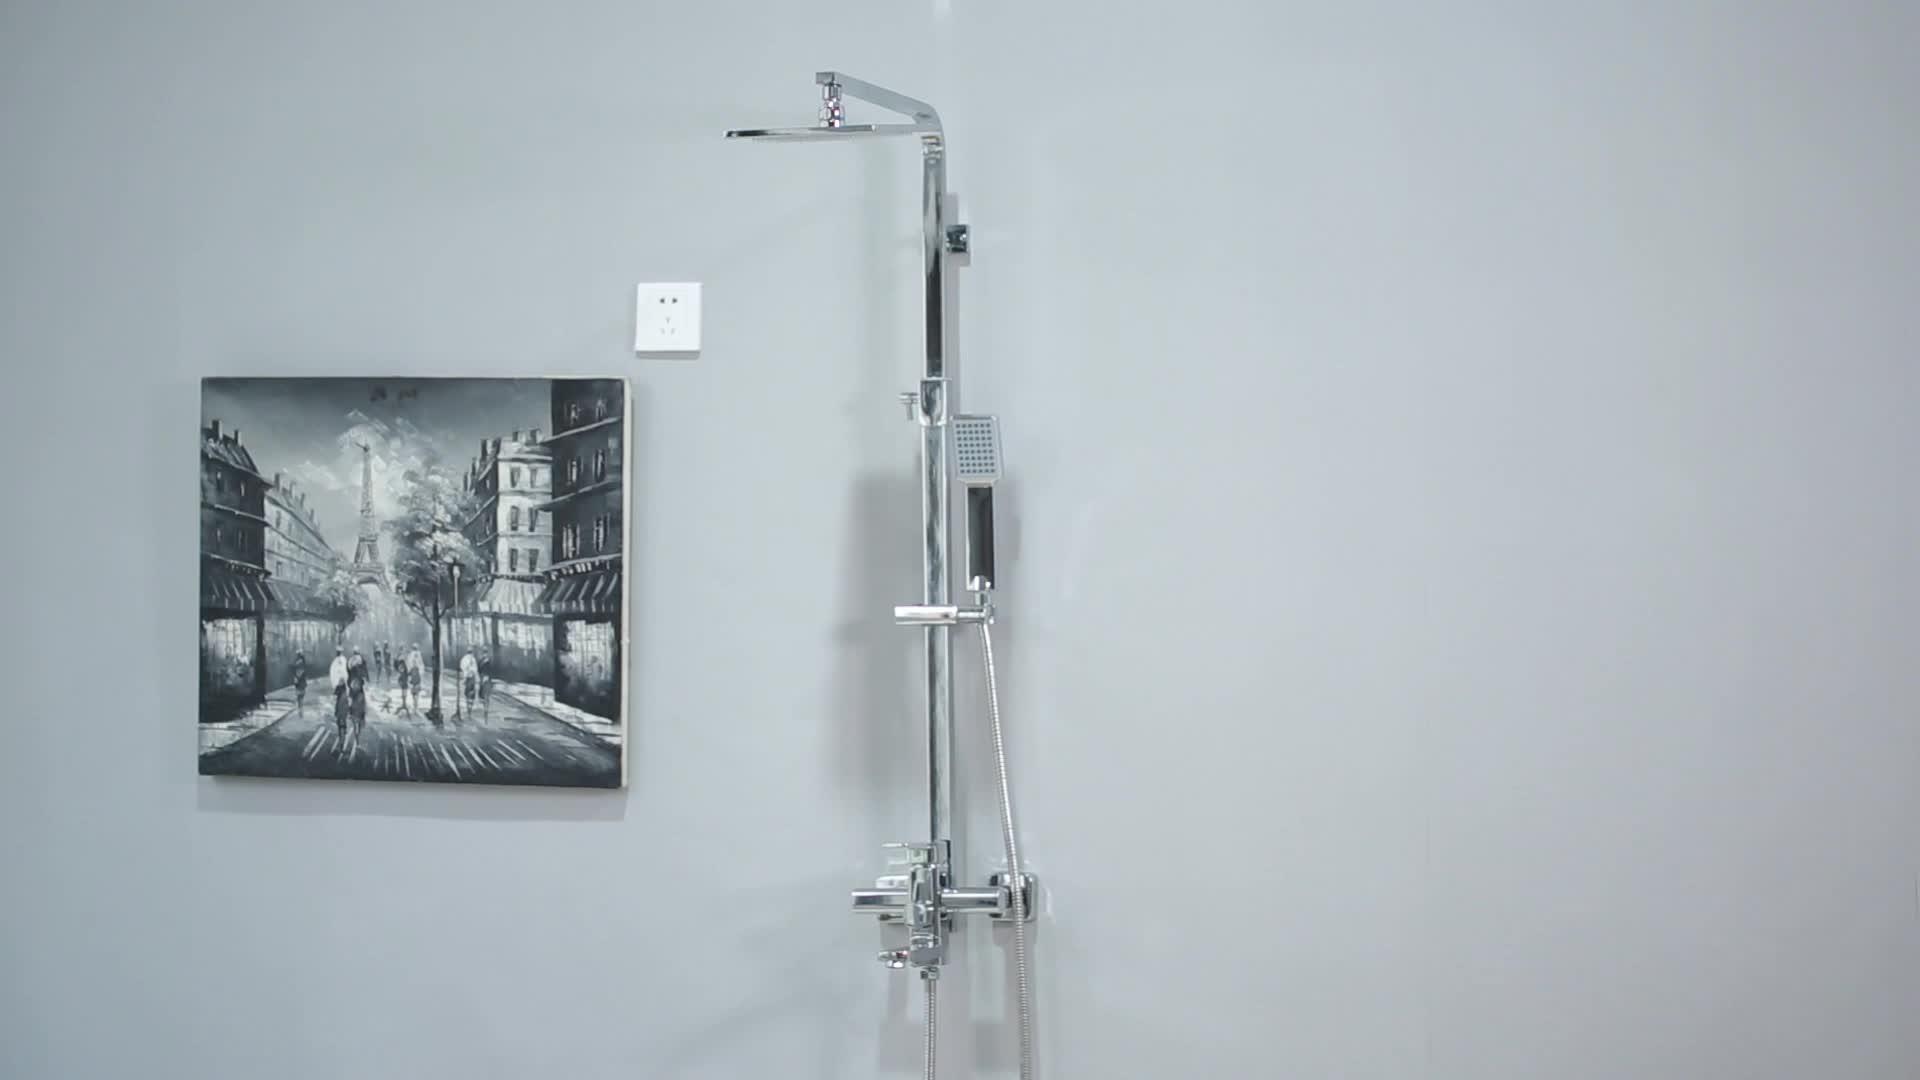 G045 vệ sinh phòng tắm mưa mưa vòi hoa sen set, chất lượng cao vòi nước, vòi hoa sen đặt phòng tắm mixer vòi nước